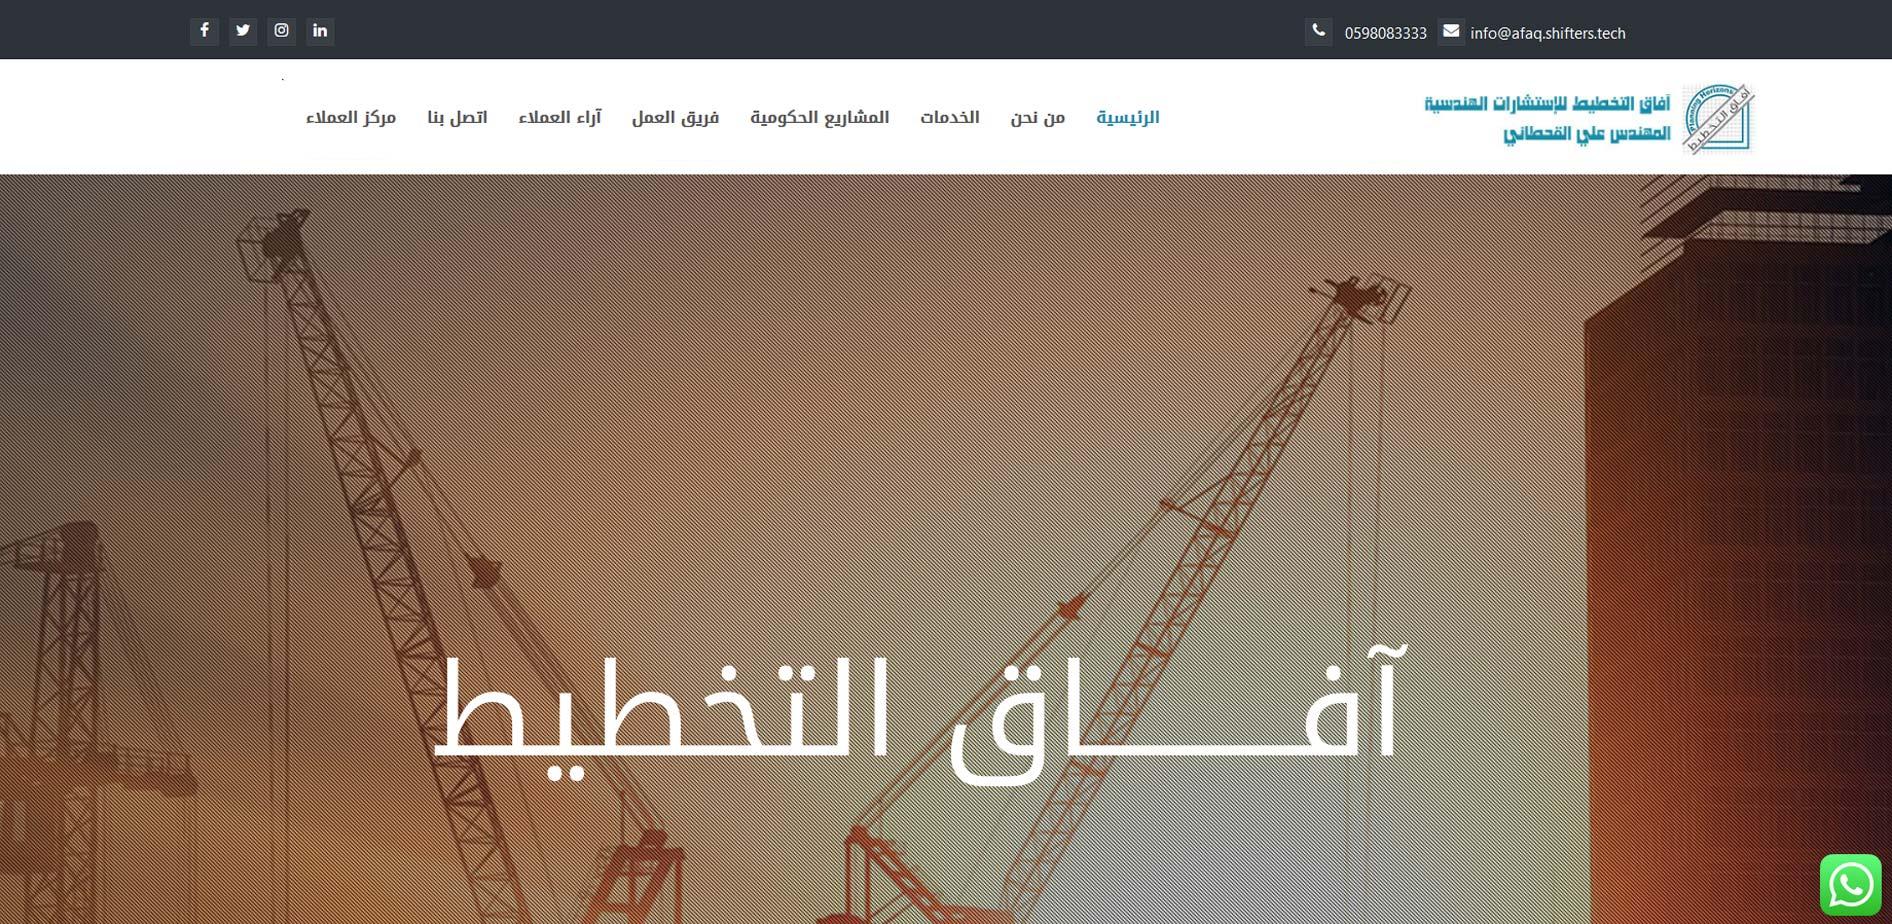 موقع شركة آفاق التخطيط